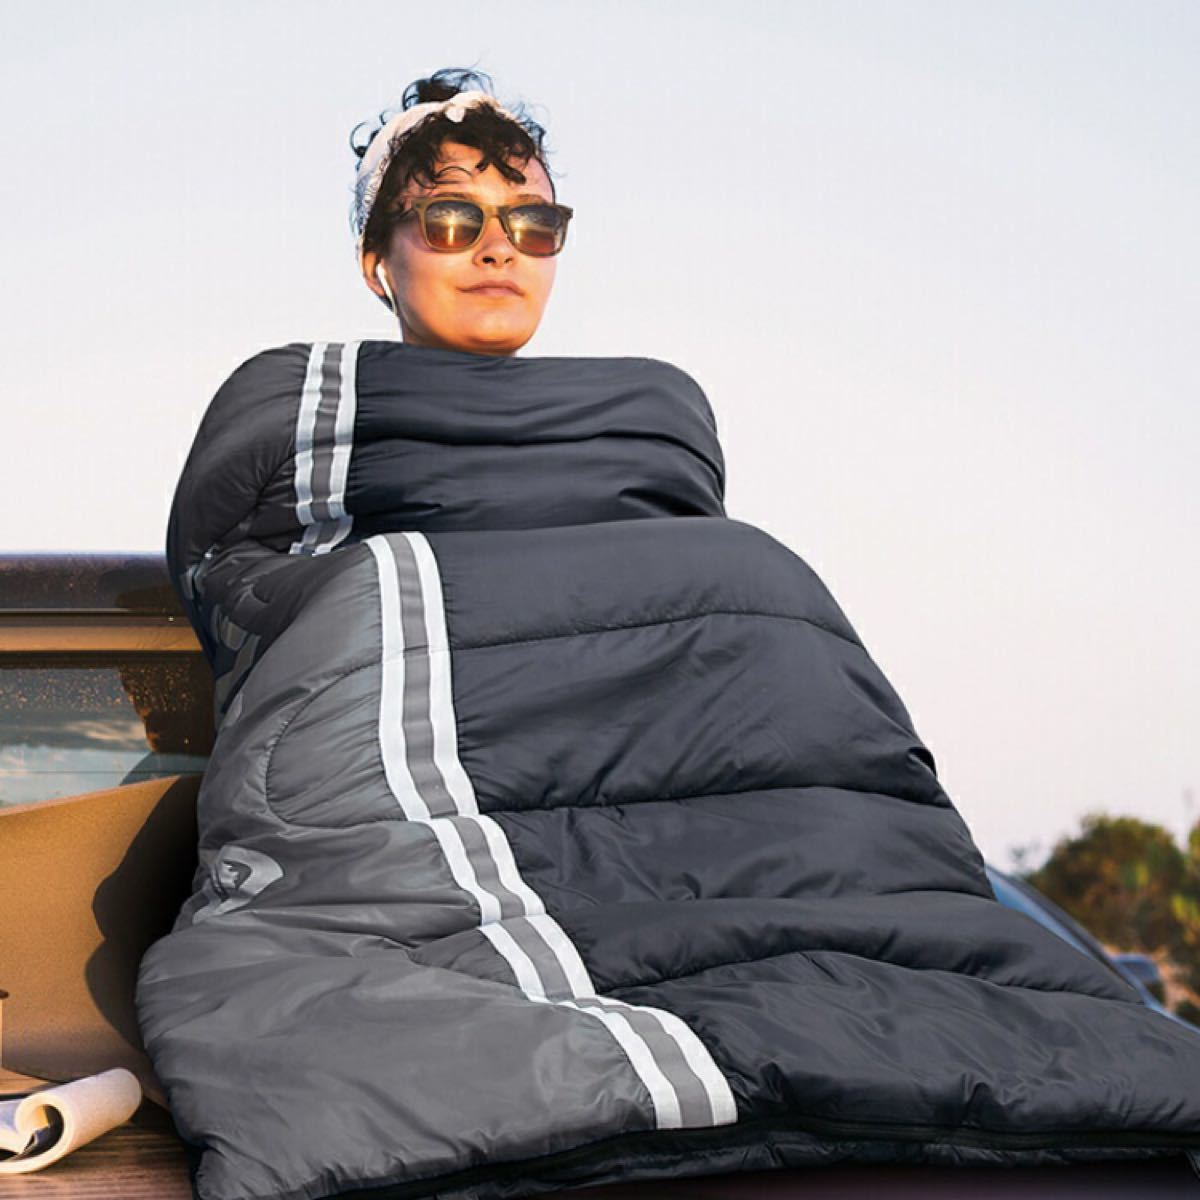 寝袋 シュラフ 封筒型 軽量 保温 210T防水 コンパクト アウトドア キャンプ 丸洗い可能 快適温度5℃〜15℃ 1.8kg